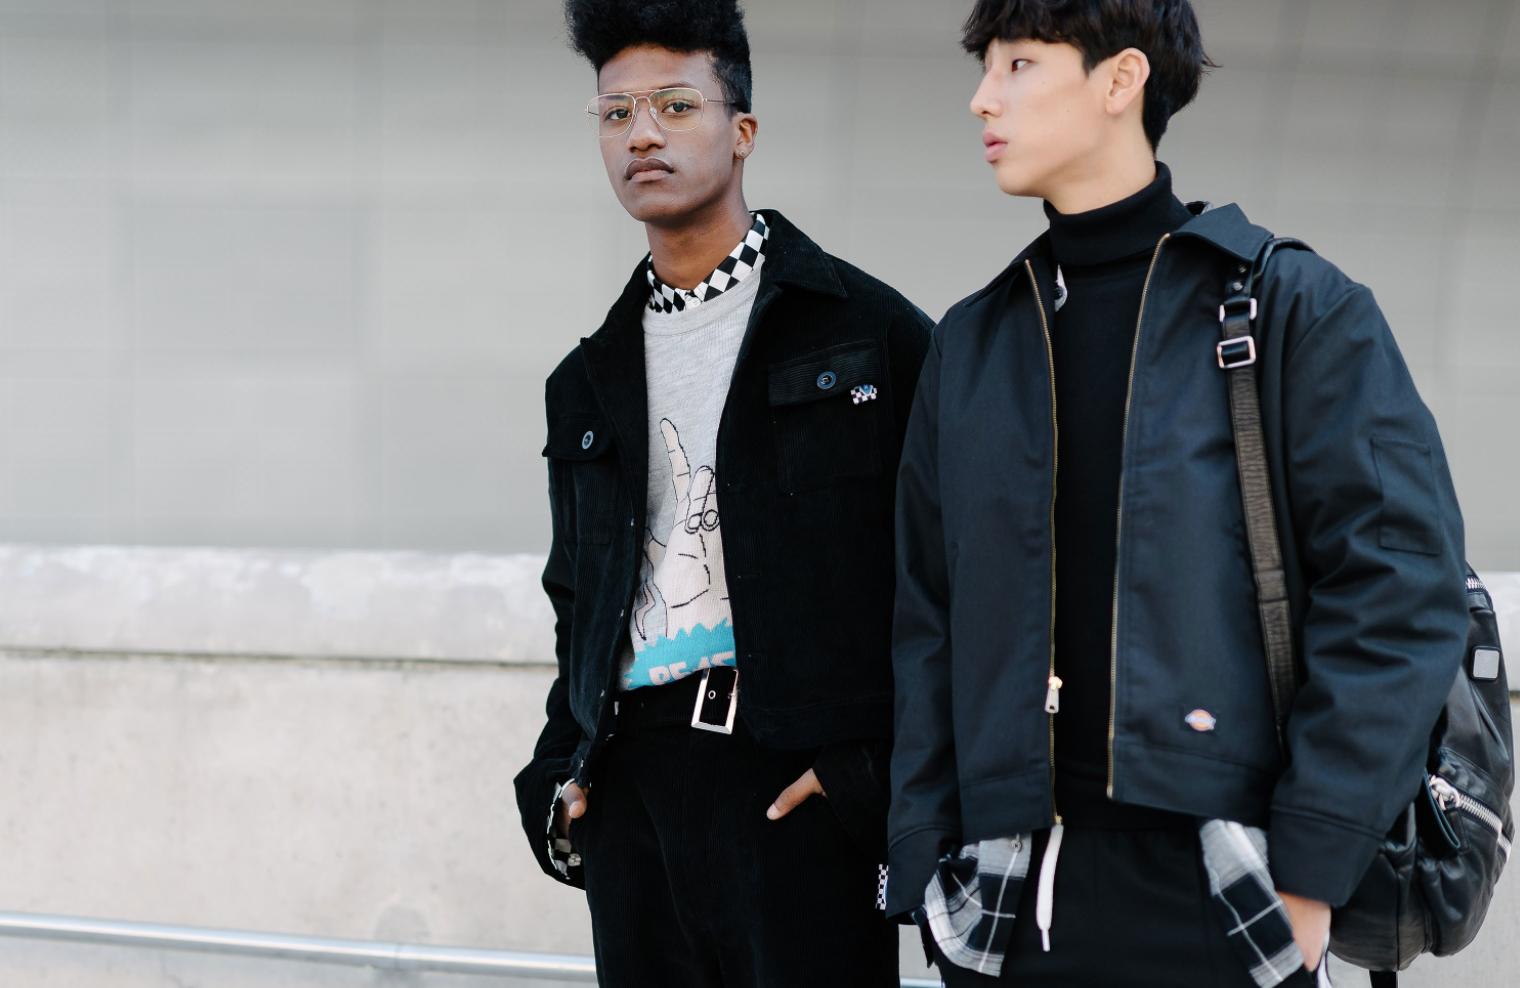 Cac street style look tuyet dep tai Seoul Fashion Week Xuan He 2018 26